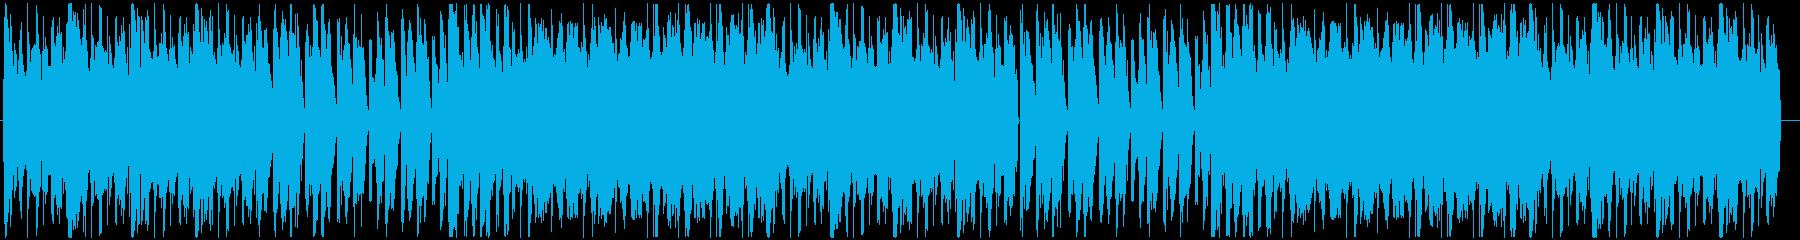 クールでカッコいいダブステップの再生済みの波形